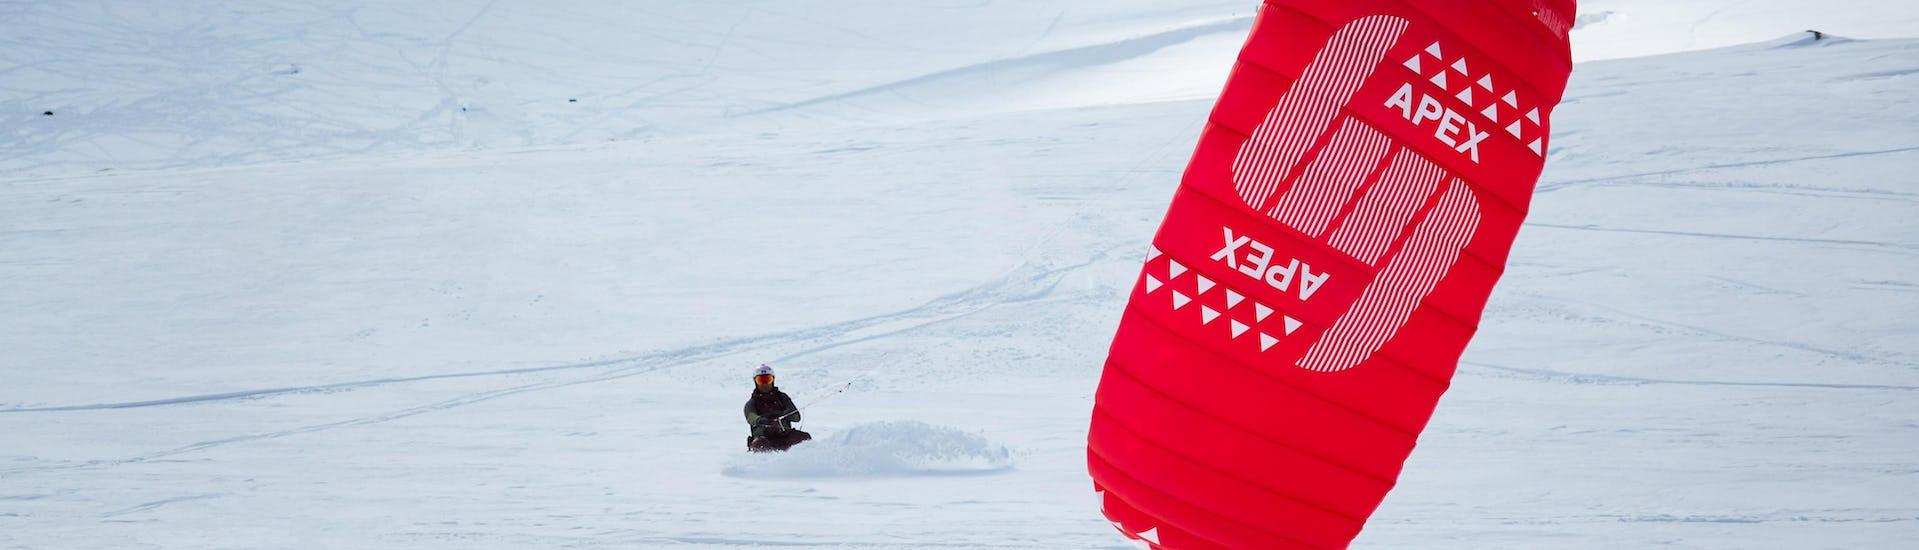 Snowkite Kurs für Anfänger